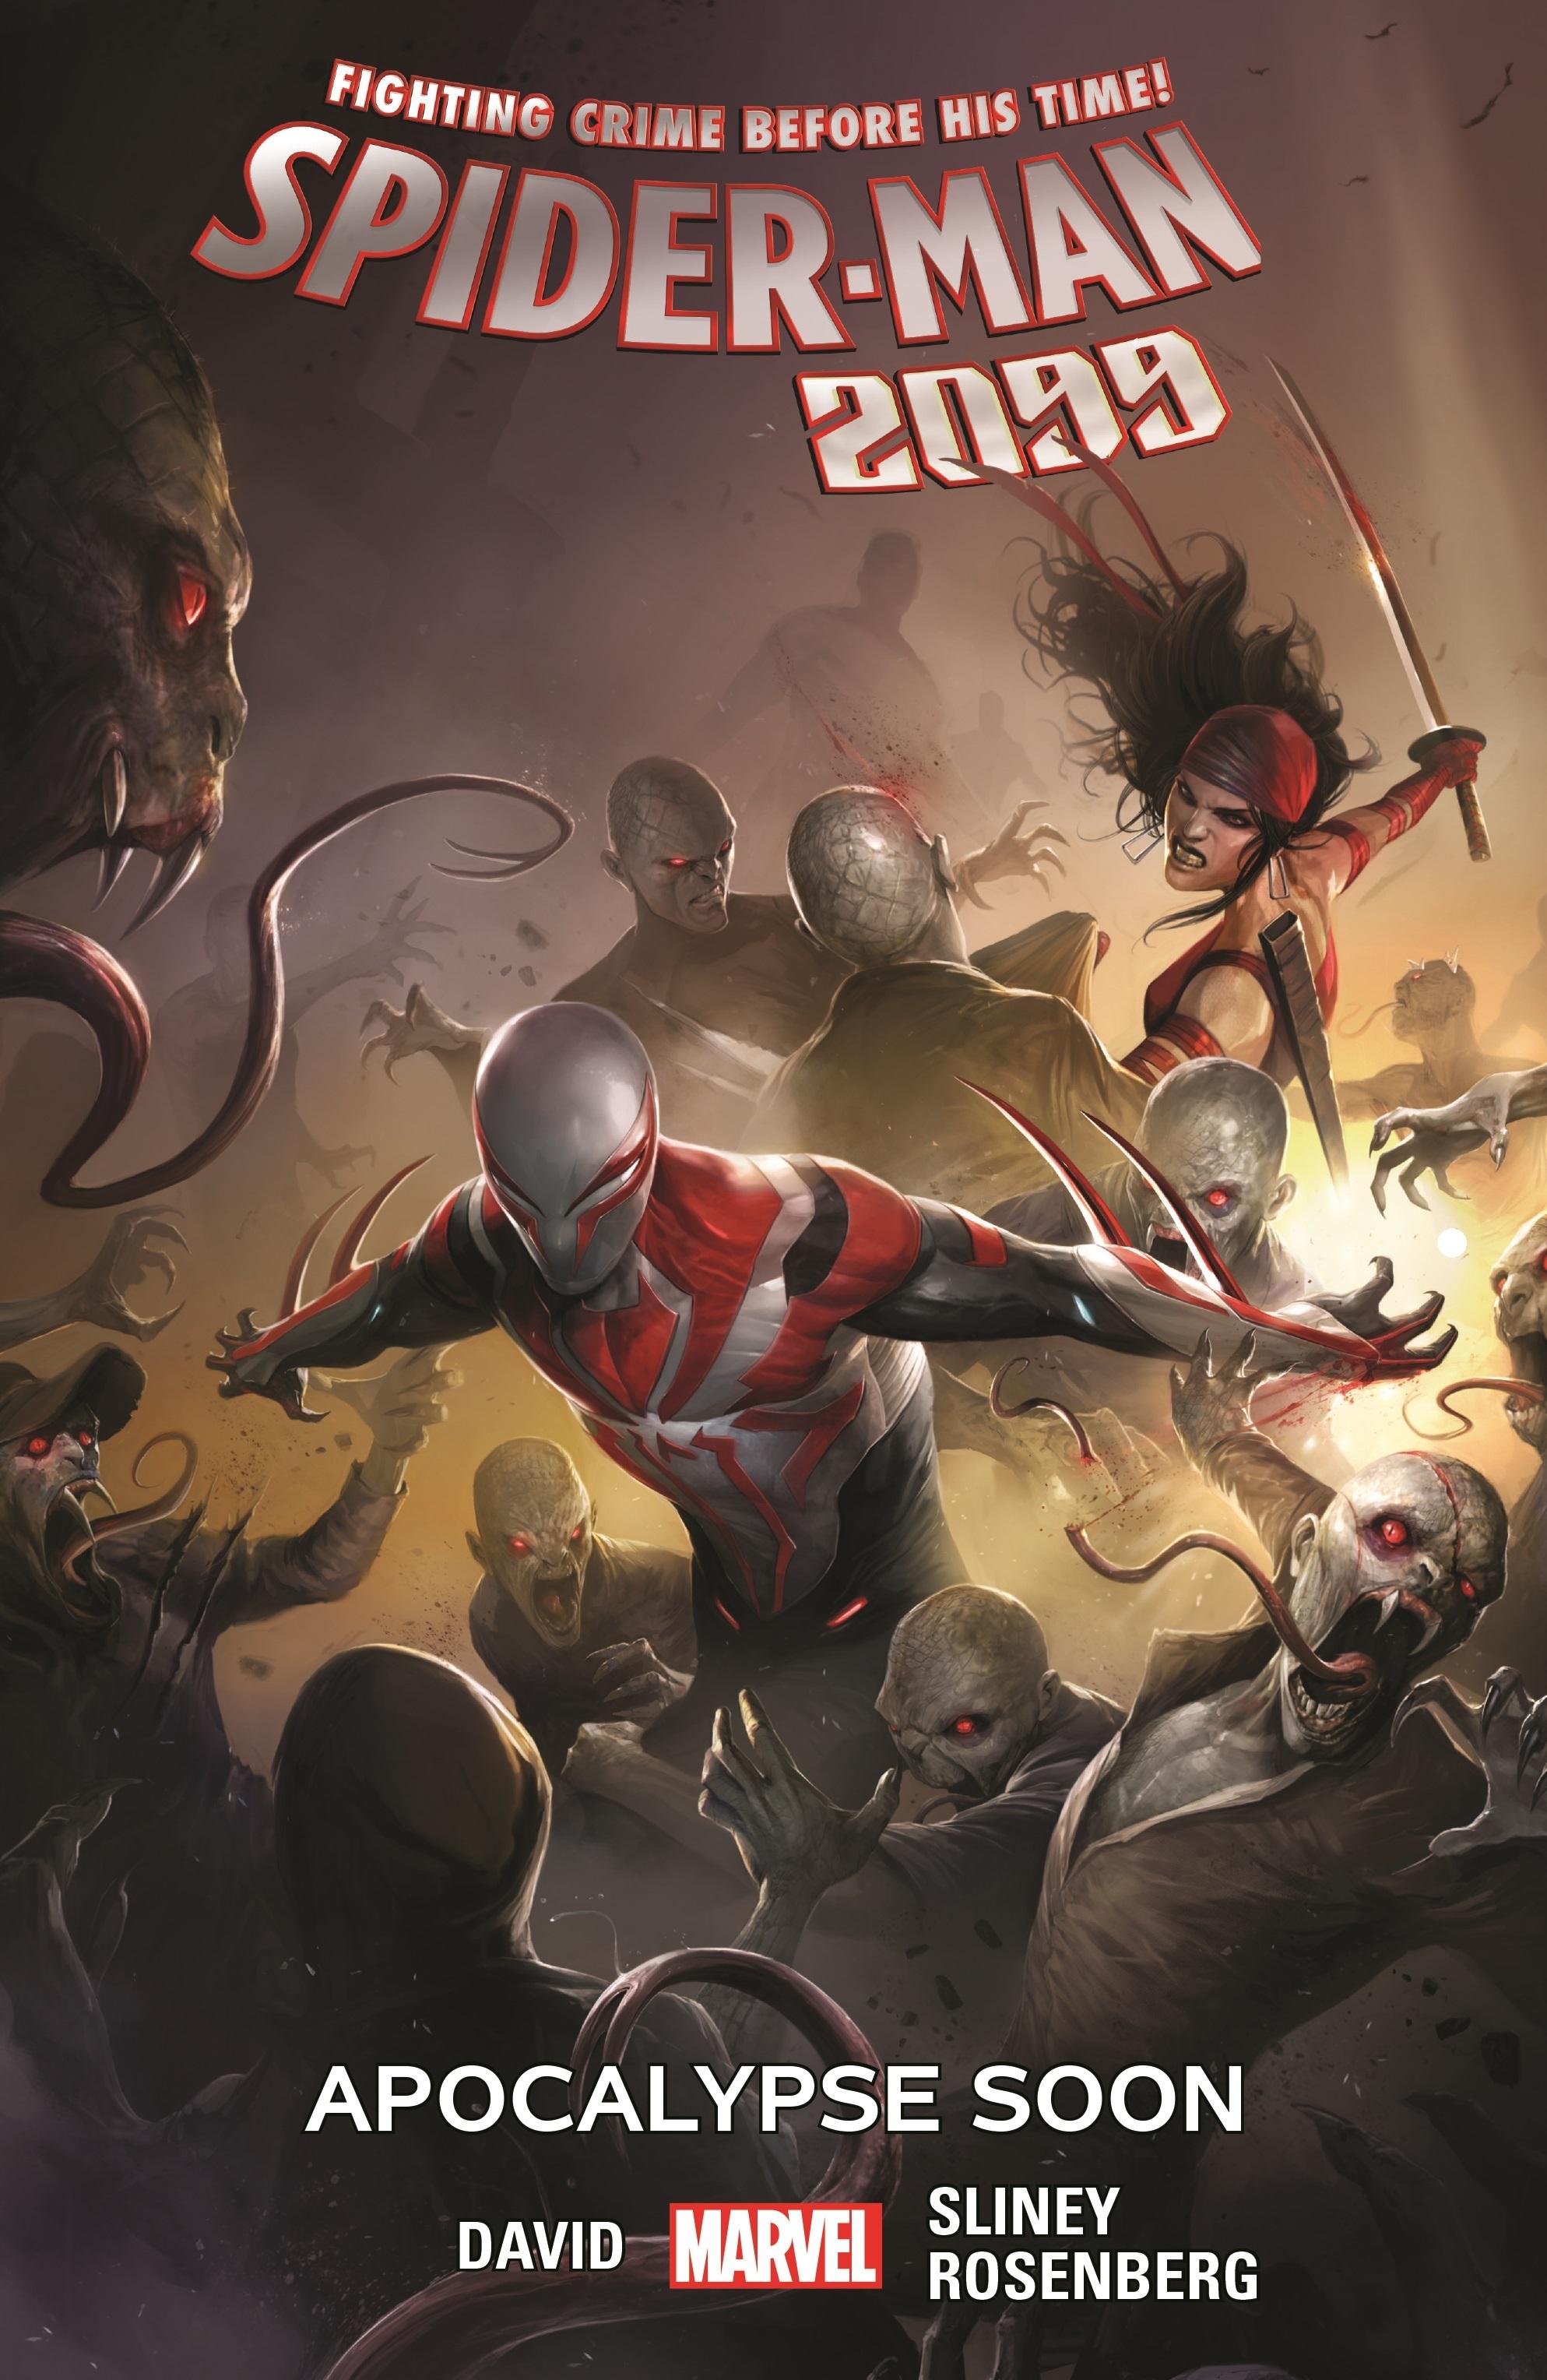 Spider-Man 2099 Vol. 6: Apocalypse Soon (Trade Paperback)